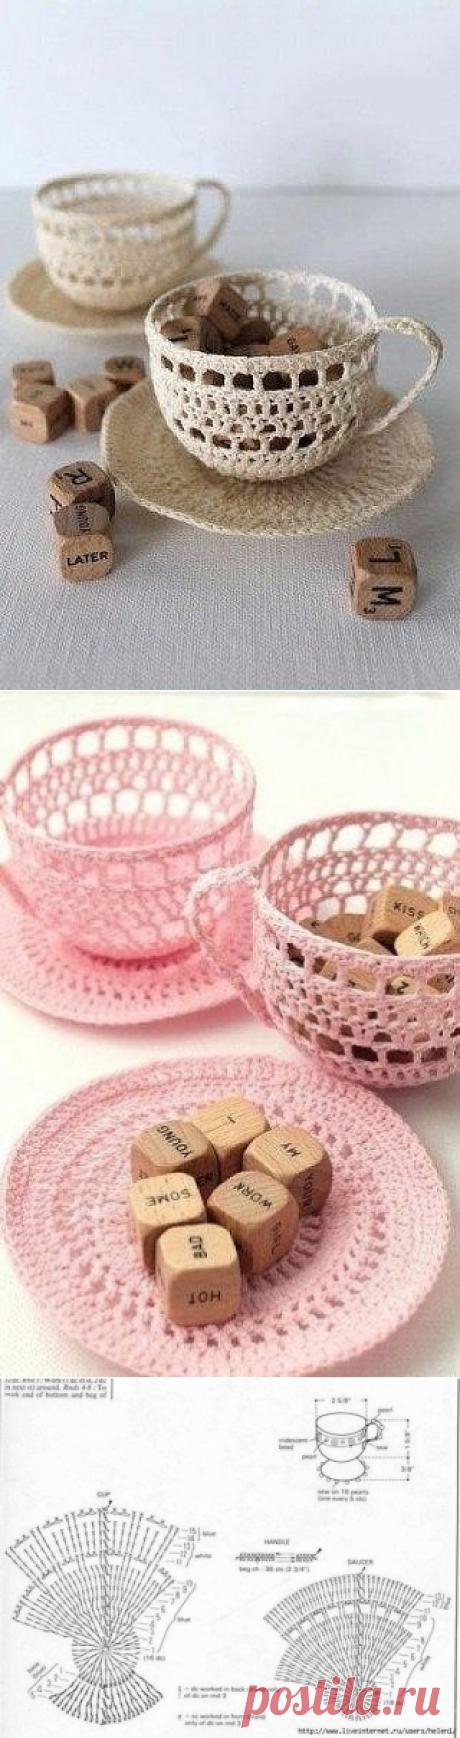 Вязаные чашечки и блюдца